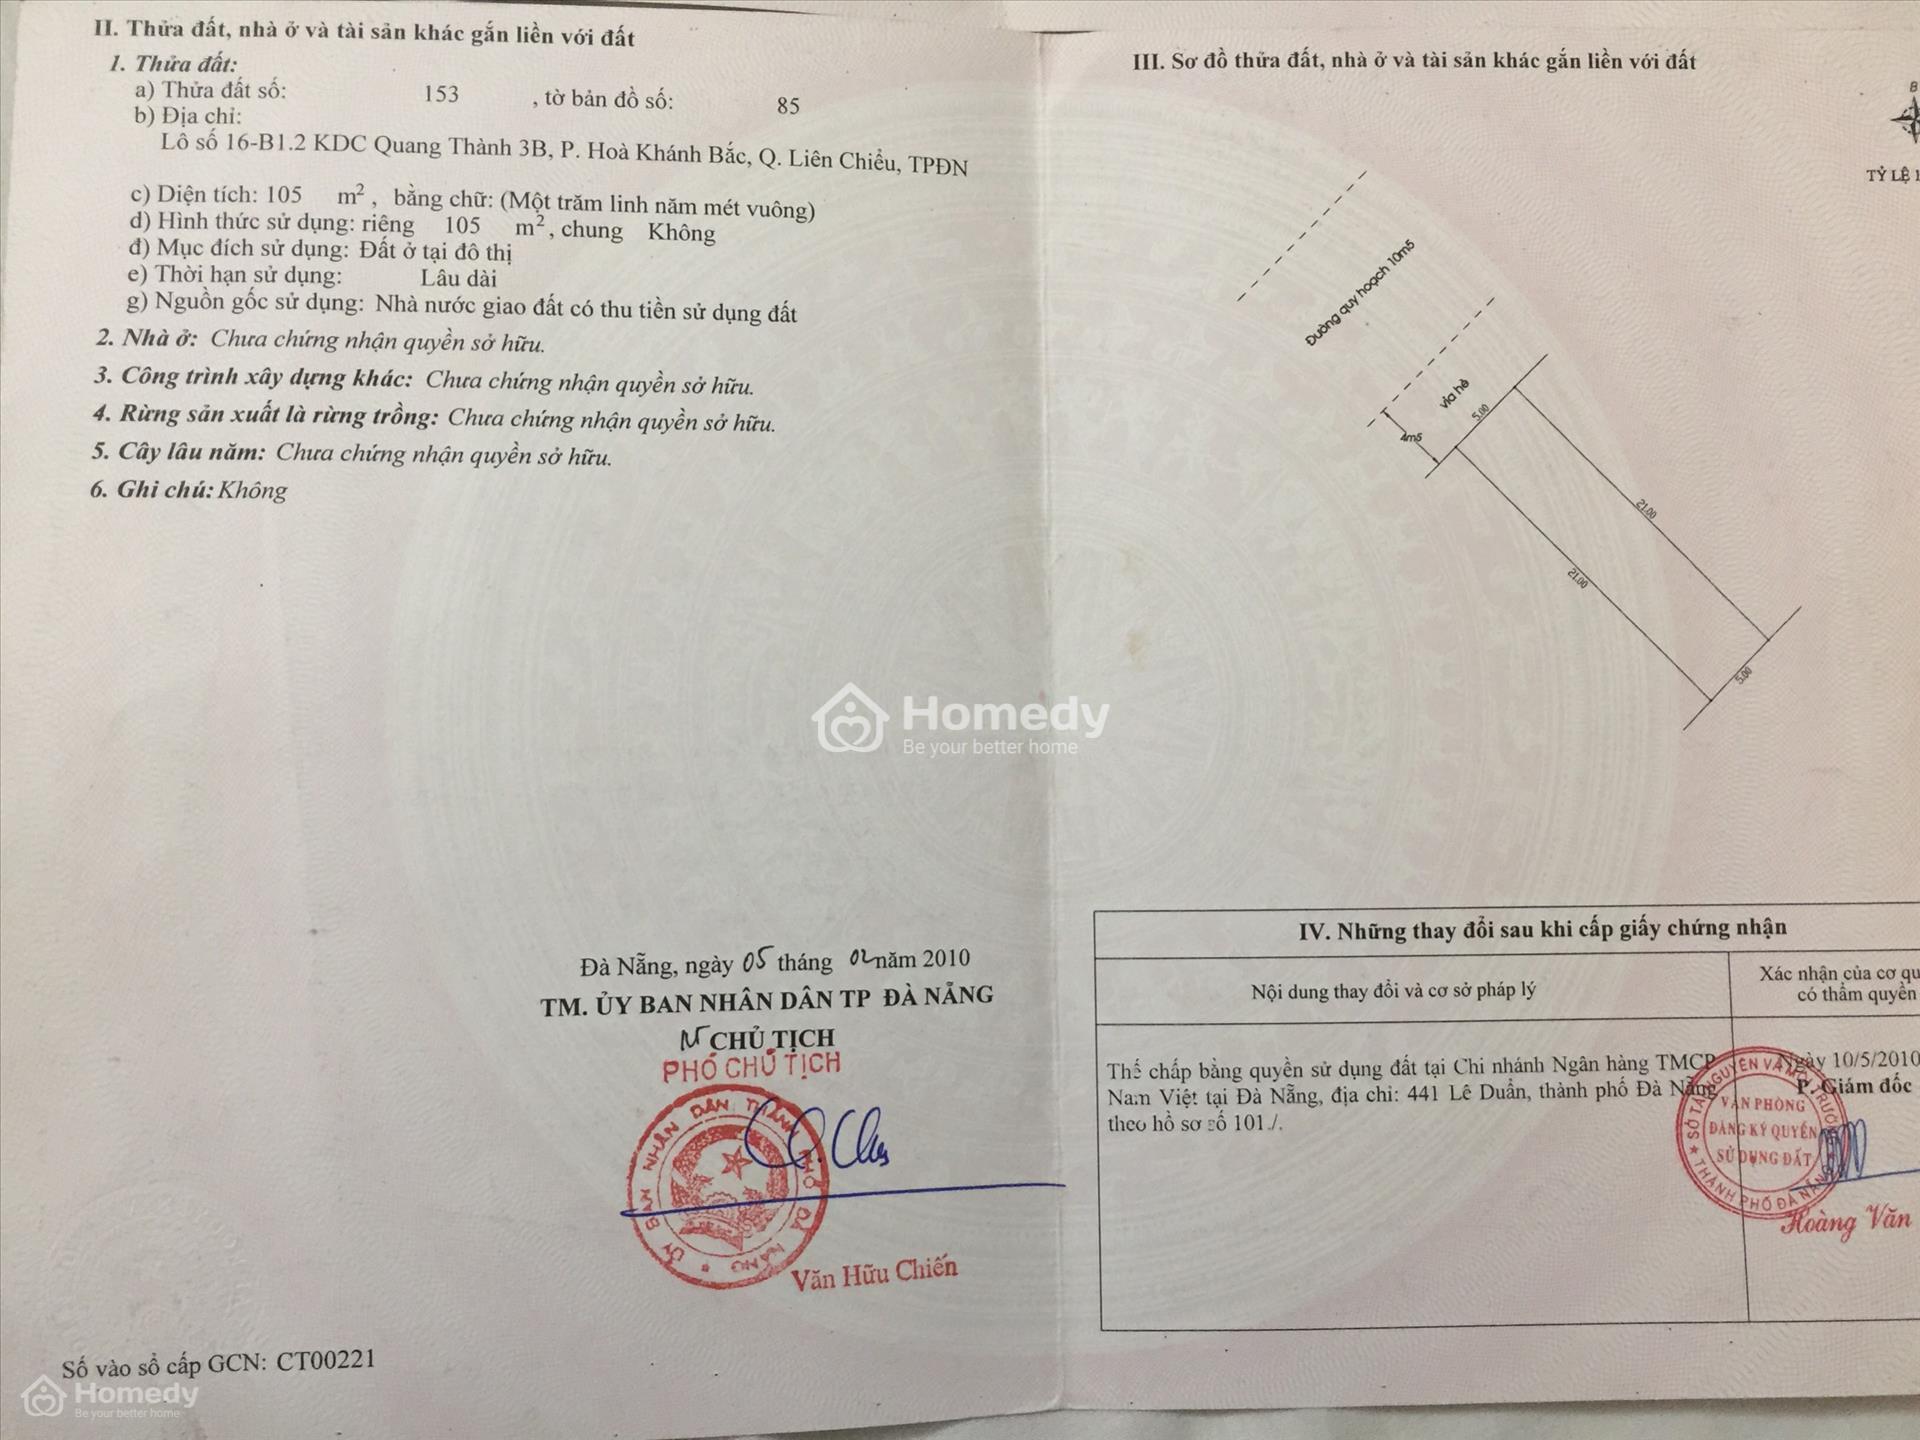 Hình ảnh sổ hồng chung cư do Bộ Tài nguyên và Môi trường phát hành